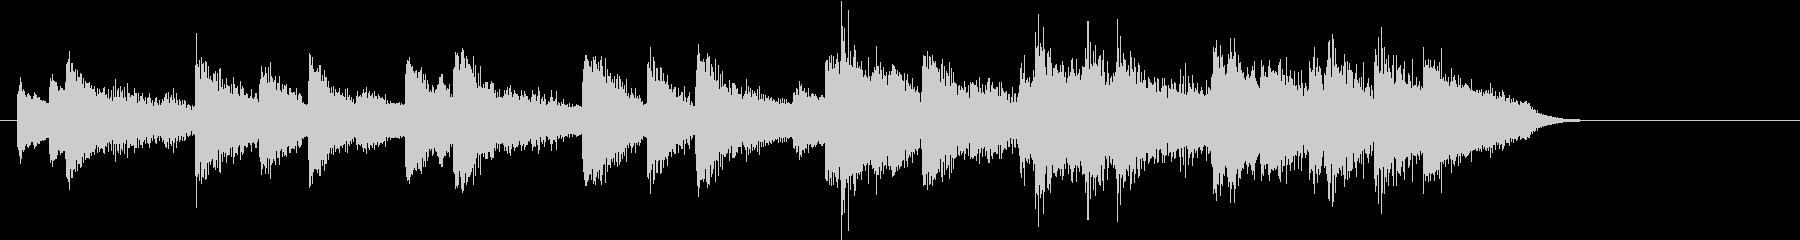 ウインターワンダーランドピアノジングルBの未再生の波形